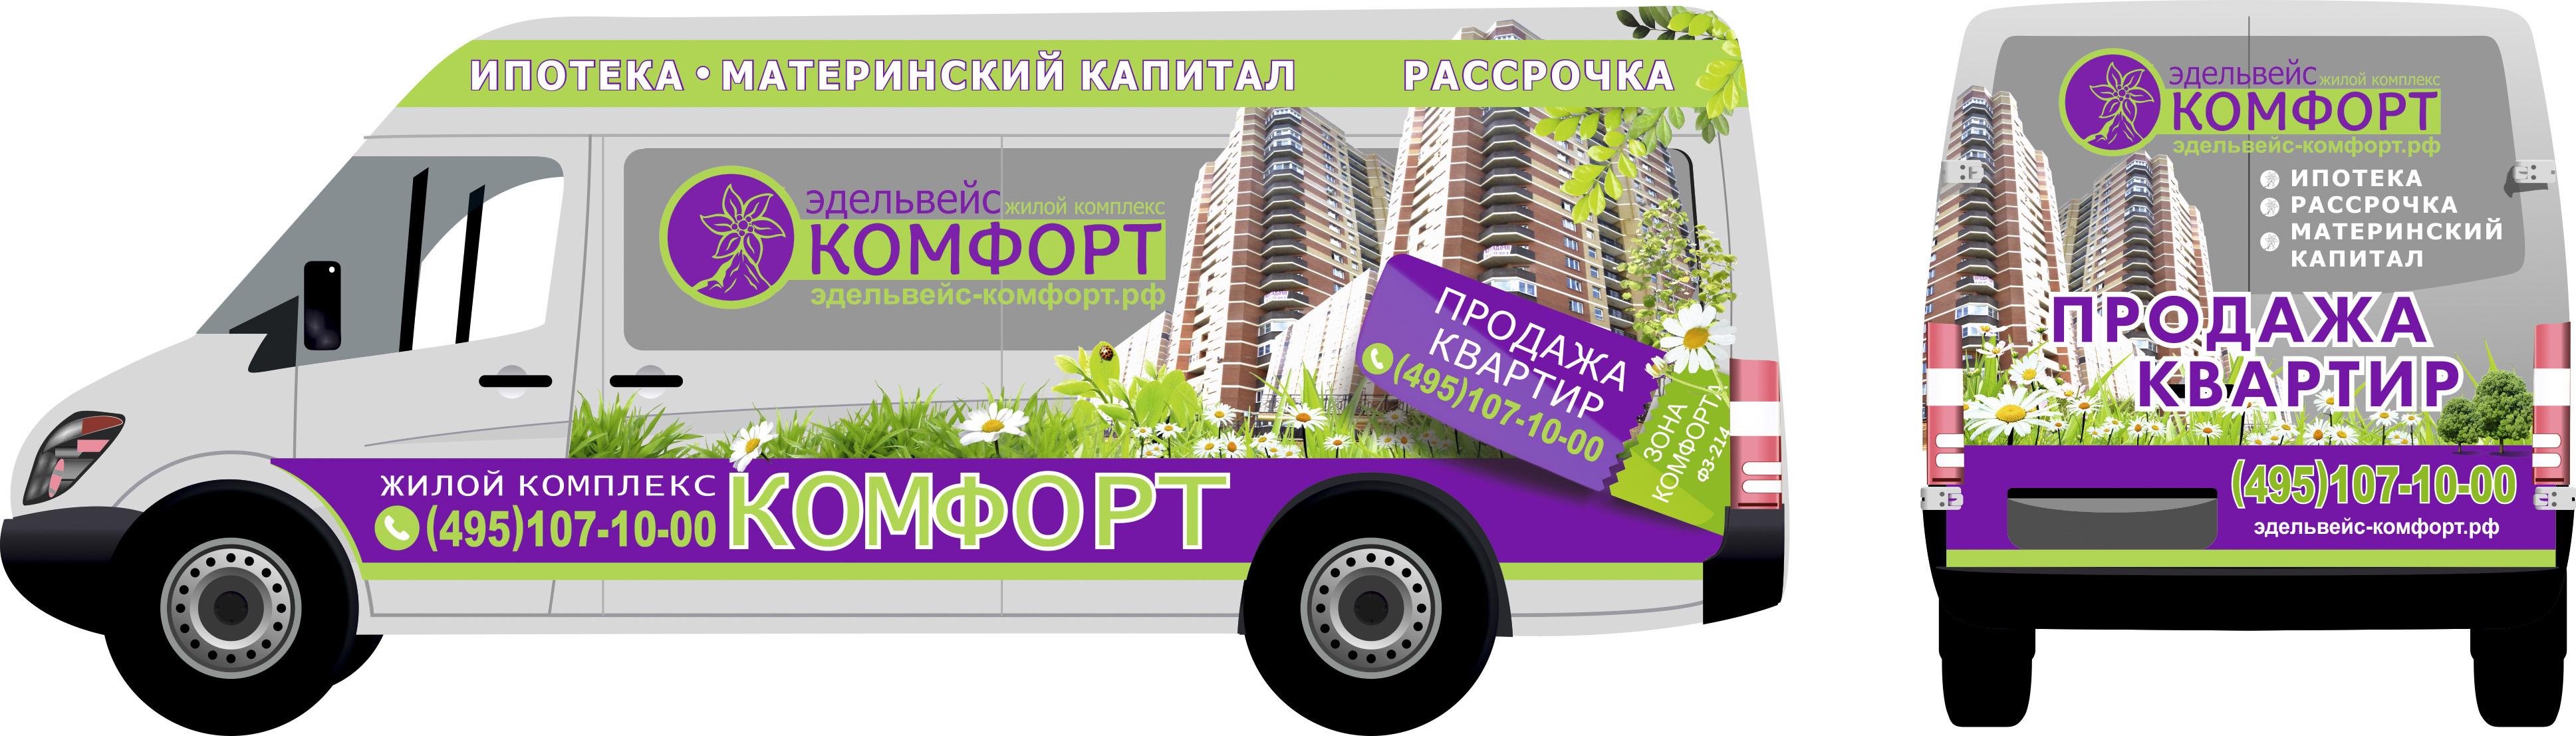 Дизайн оклейки школьного автобуса фото f_8925cff4186c10c2.jpg